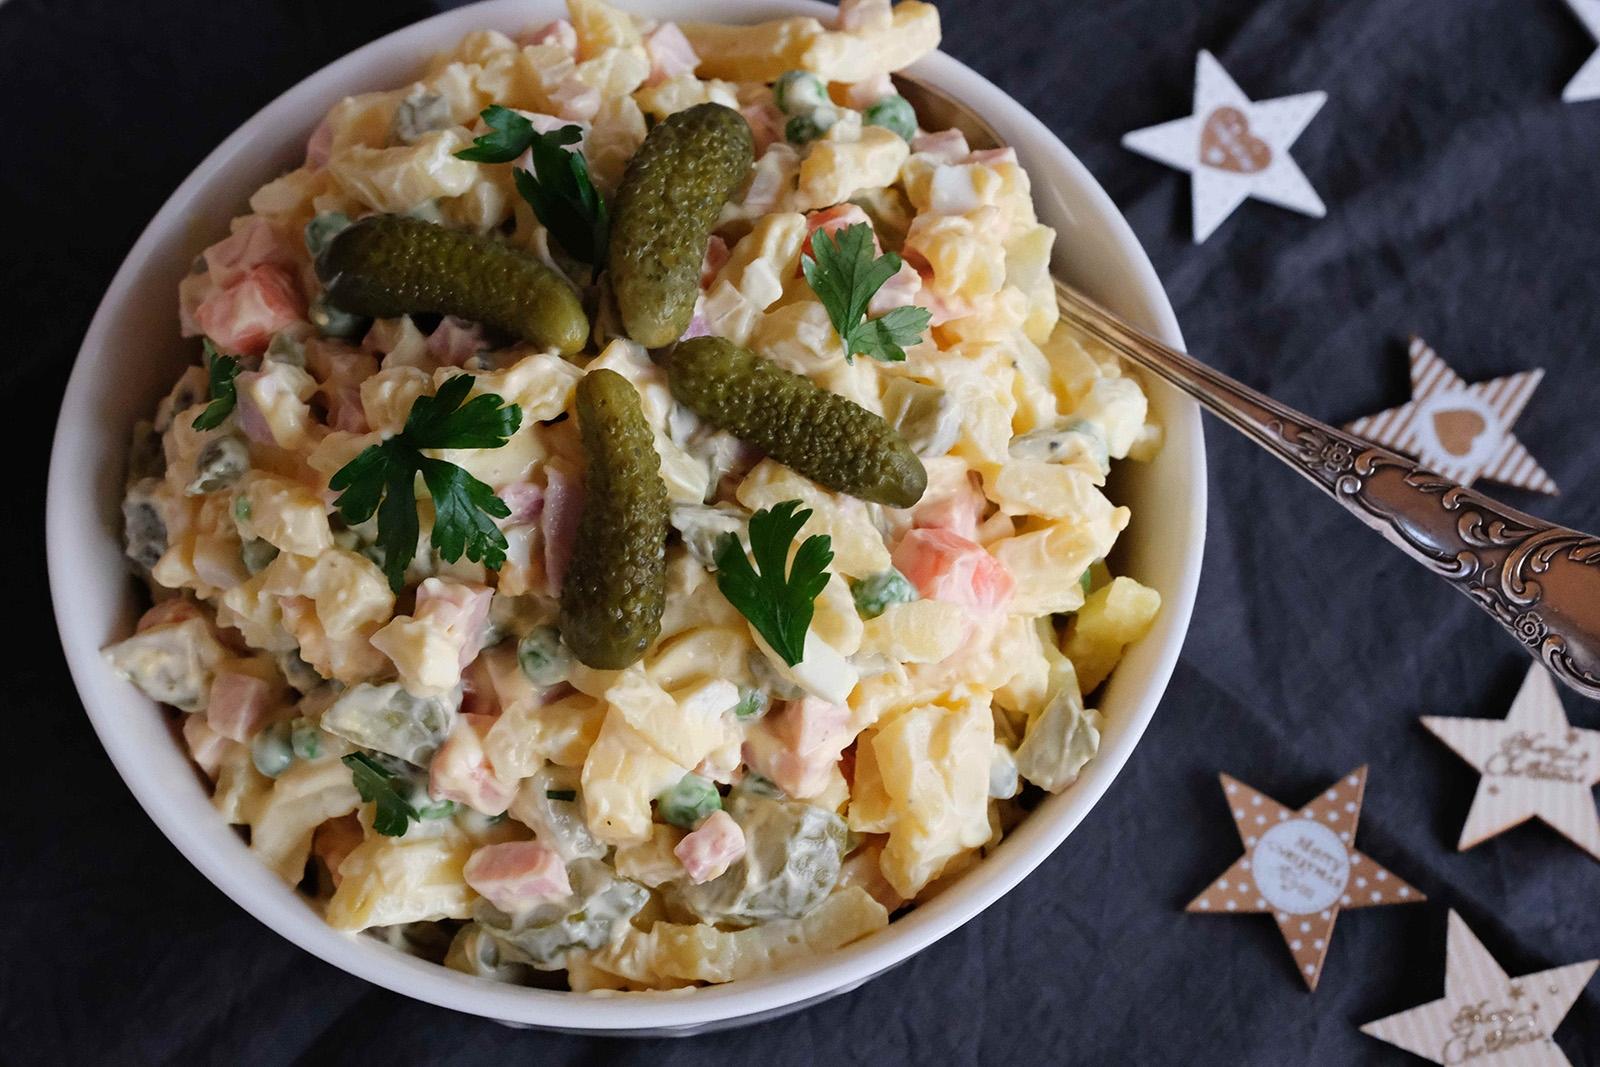 Vánoční klasika, o kterou se stále vedou boje. Má být salát s majonézou anebo ne?